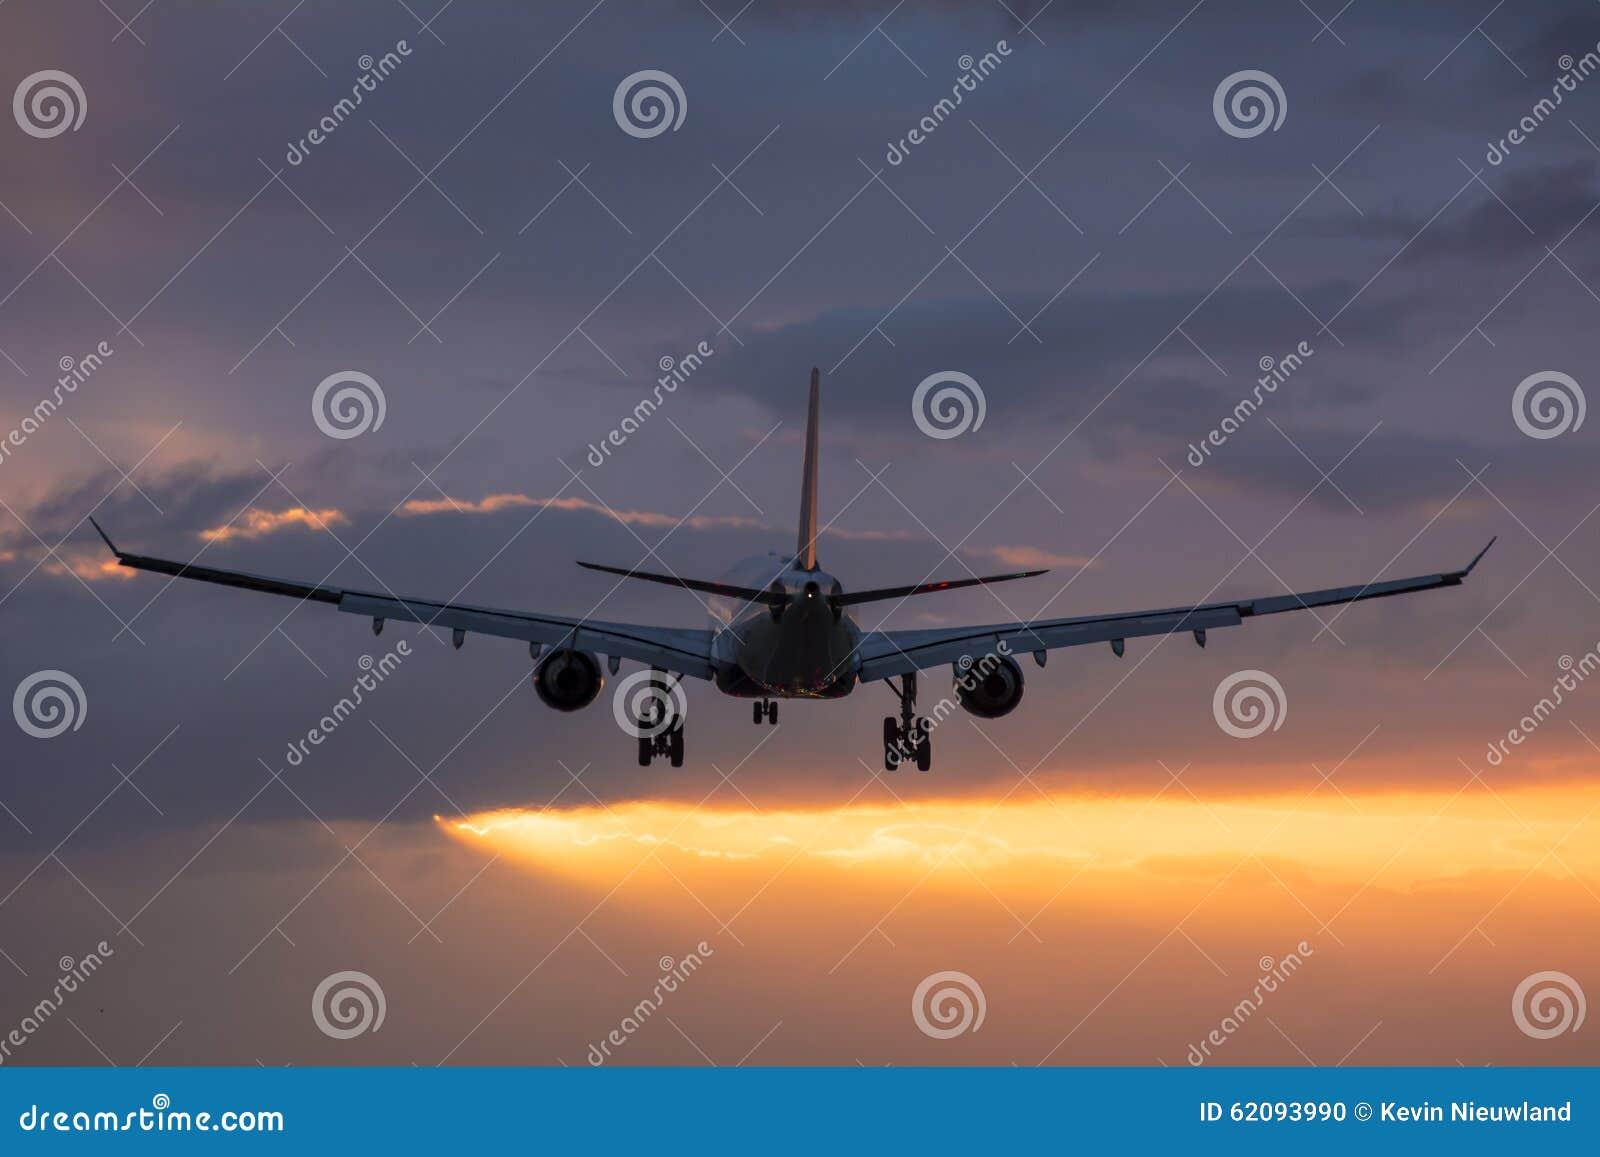 Vol plat vers la piste pendant un lever de soleil nuageux